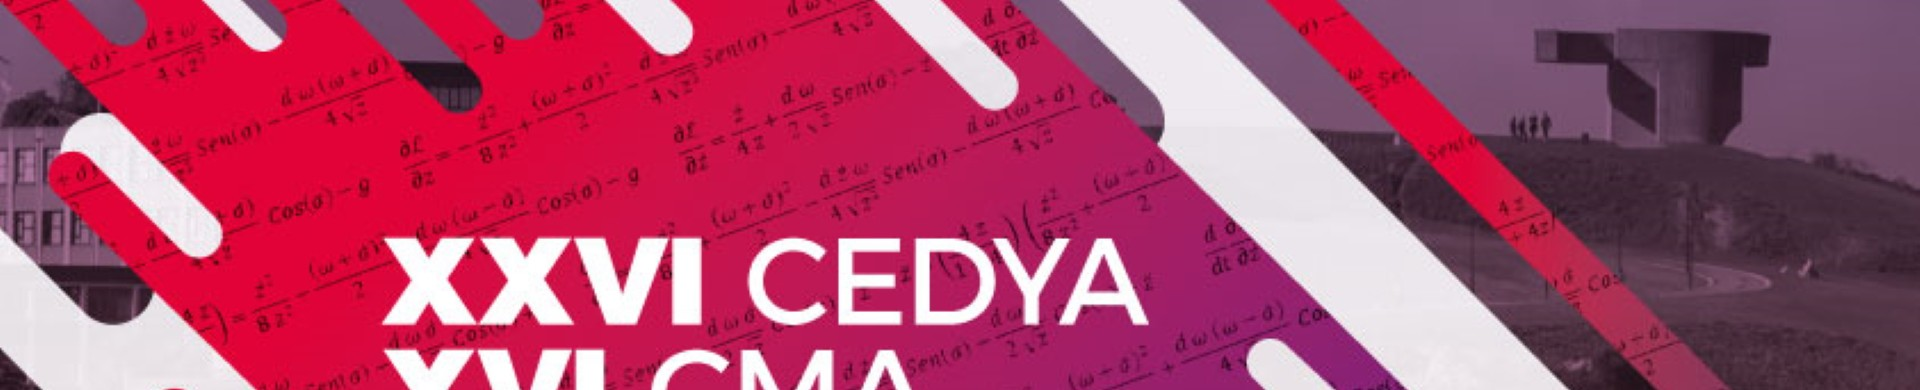 Nuevo cartel del CEDYA / CMA